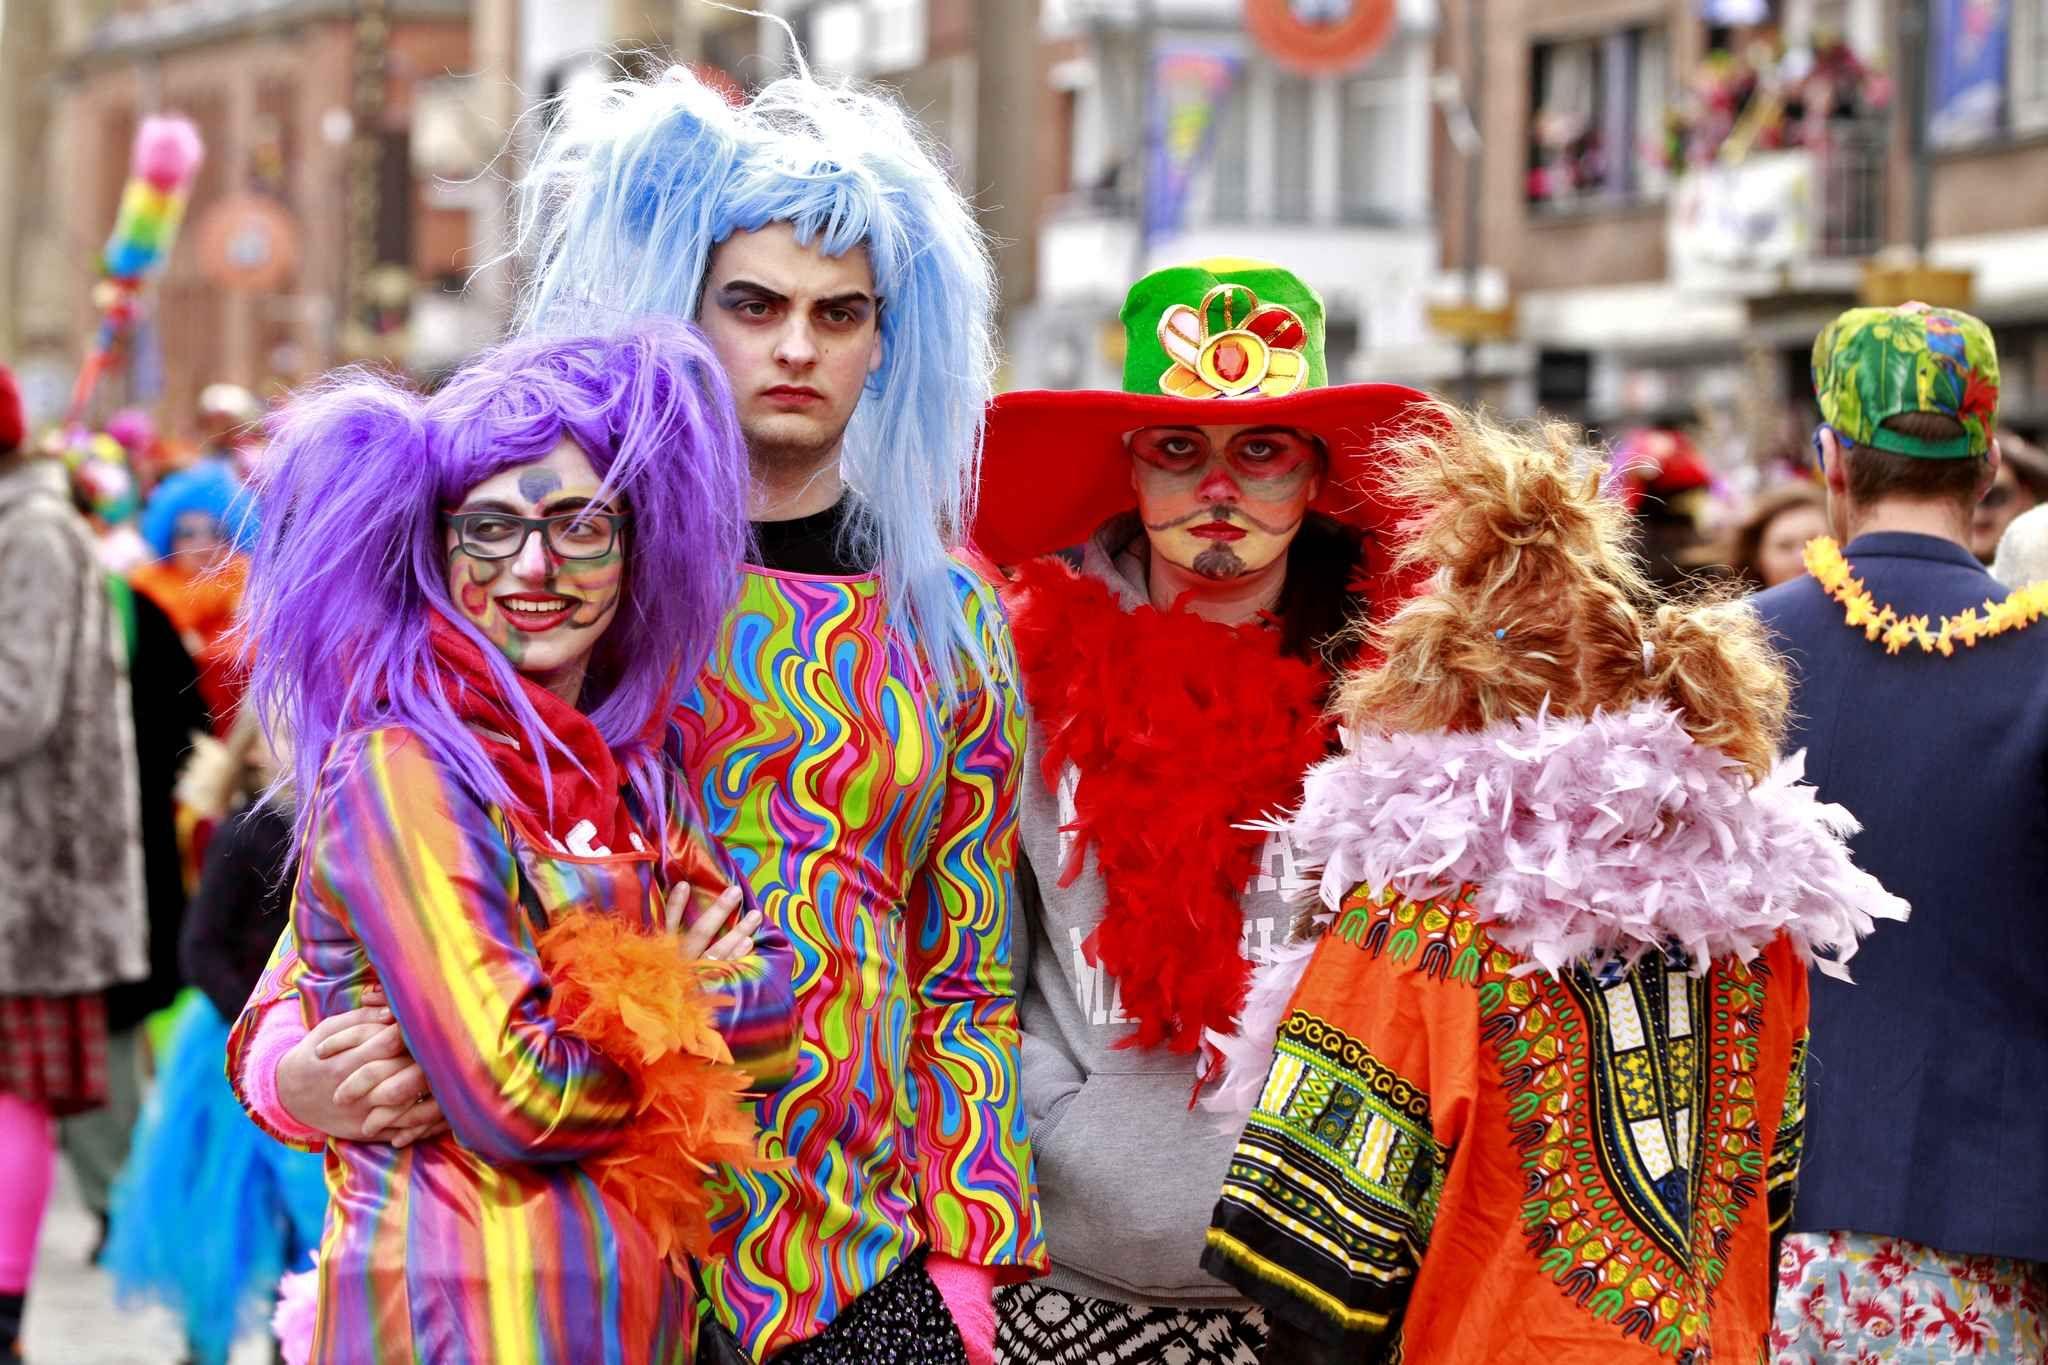 Au carnaval de Dunkerque, la foule dense des carnavaleux progresse au son  du tambour major A cor et à cris, les descendants des pirates sont de \u2026